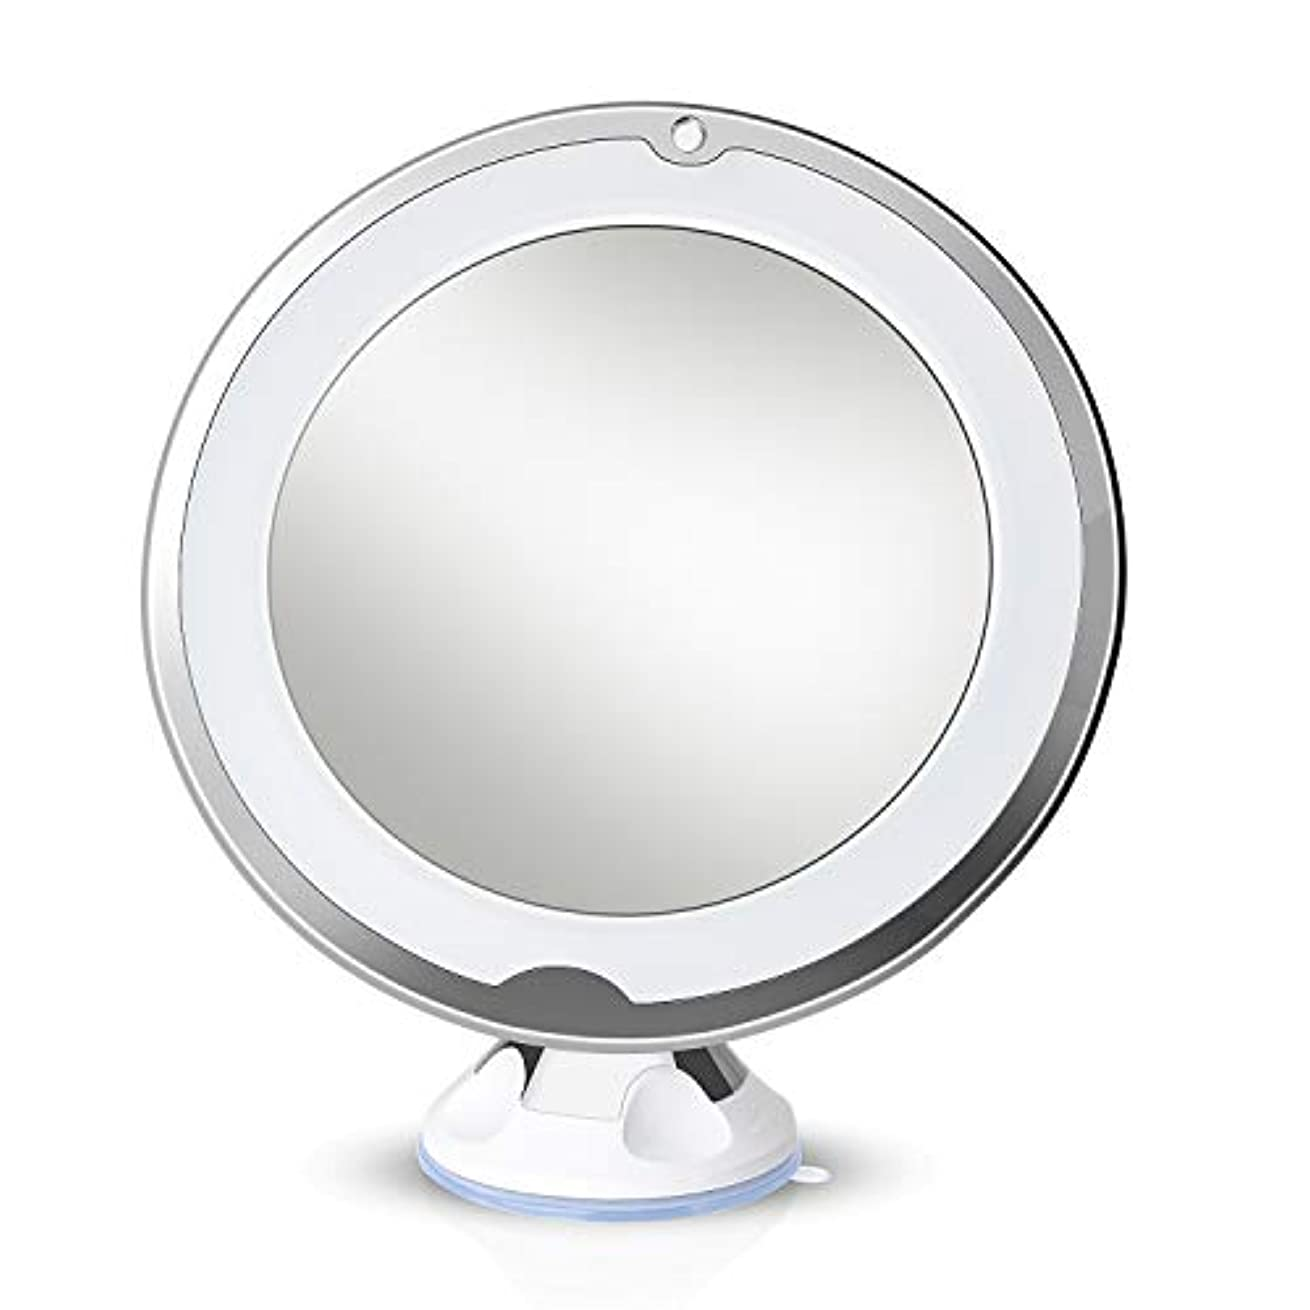 お客様一般的に言えば広がりLirex 10倍拡大化粧鏡、ライトLED 360 度回転、フレキシブル吸盤付き、取り付け便利、10x化粧鏡 led付き回転バニティミラーバスルームアクセサリー - 白い